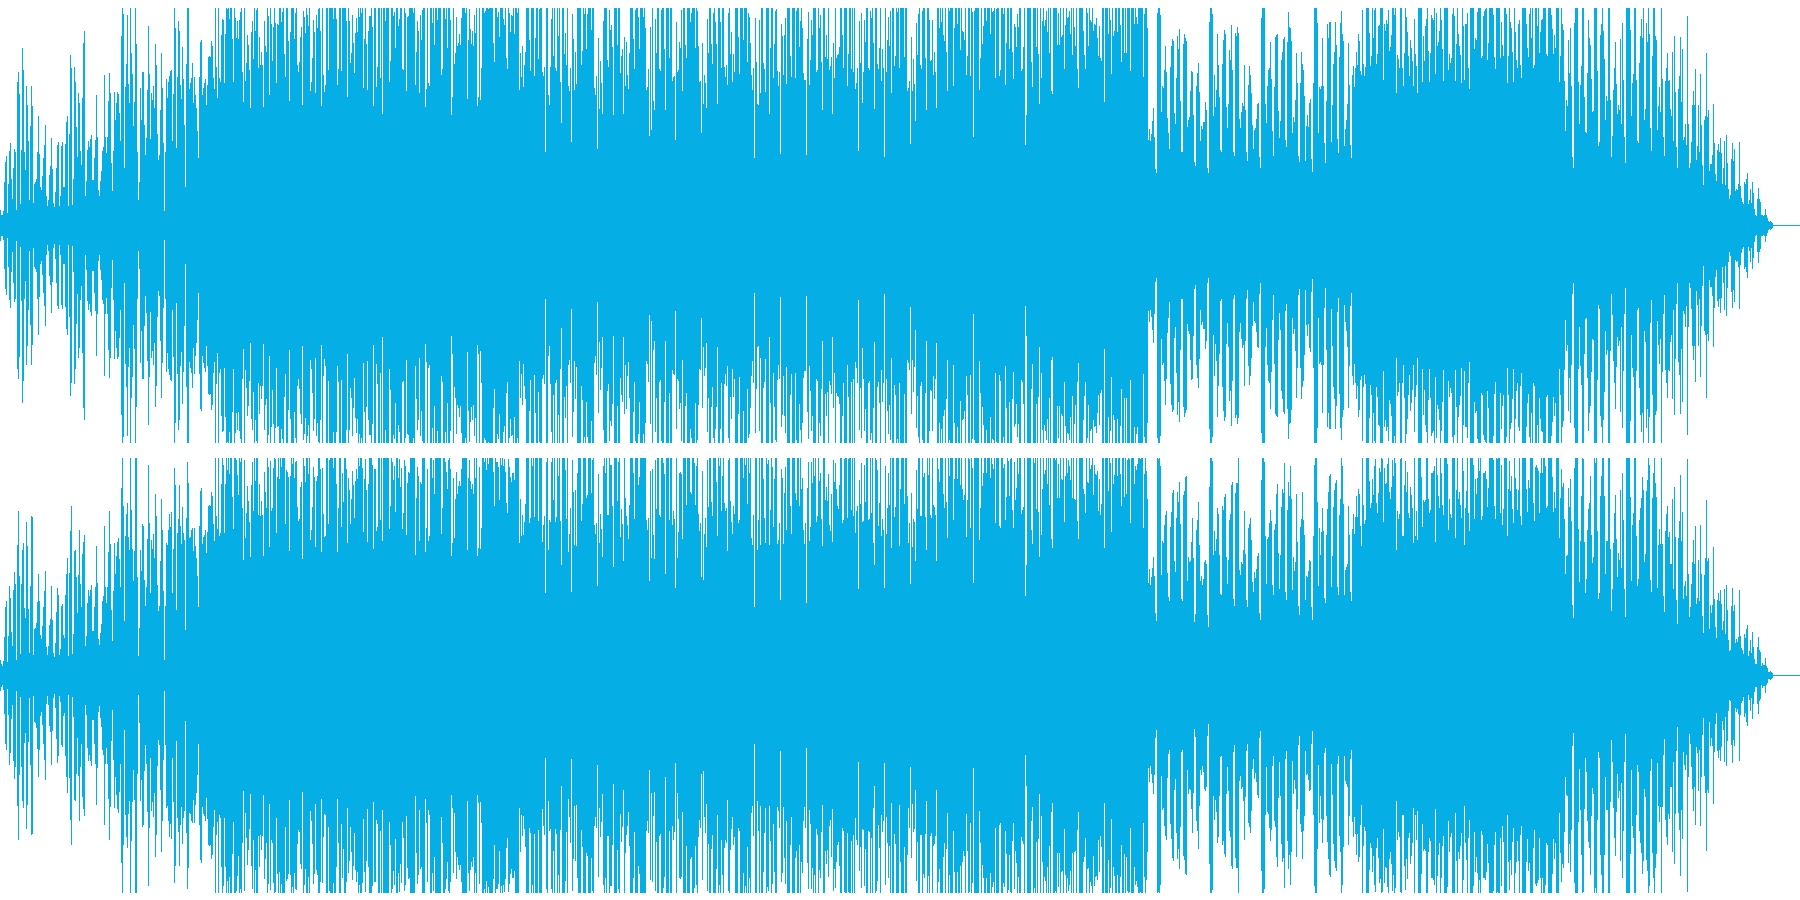 広がりあのあるダークテクノの再生済みの波形